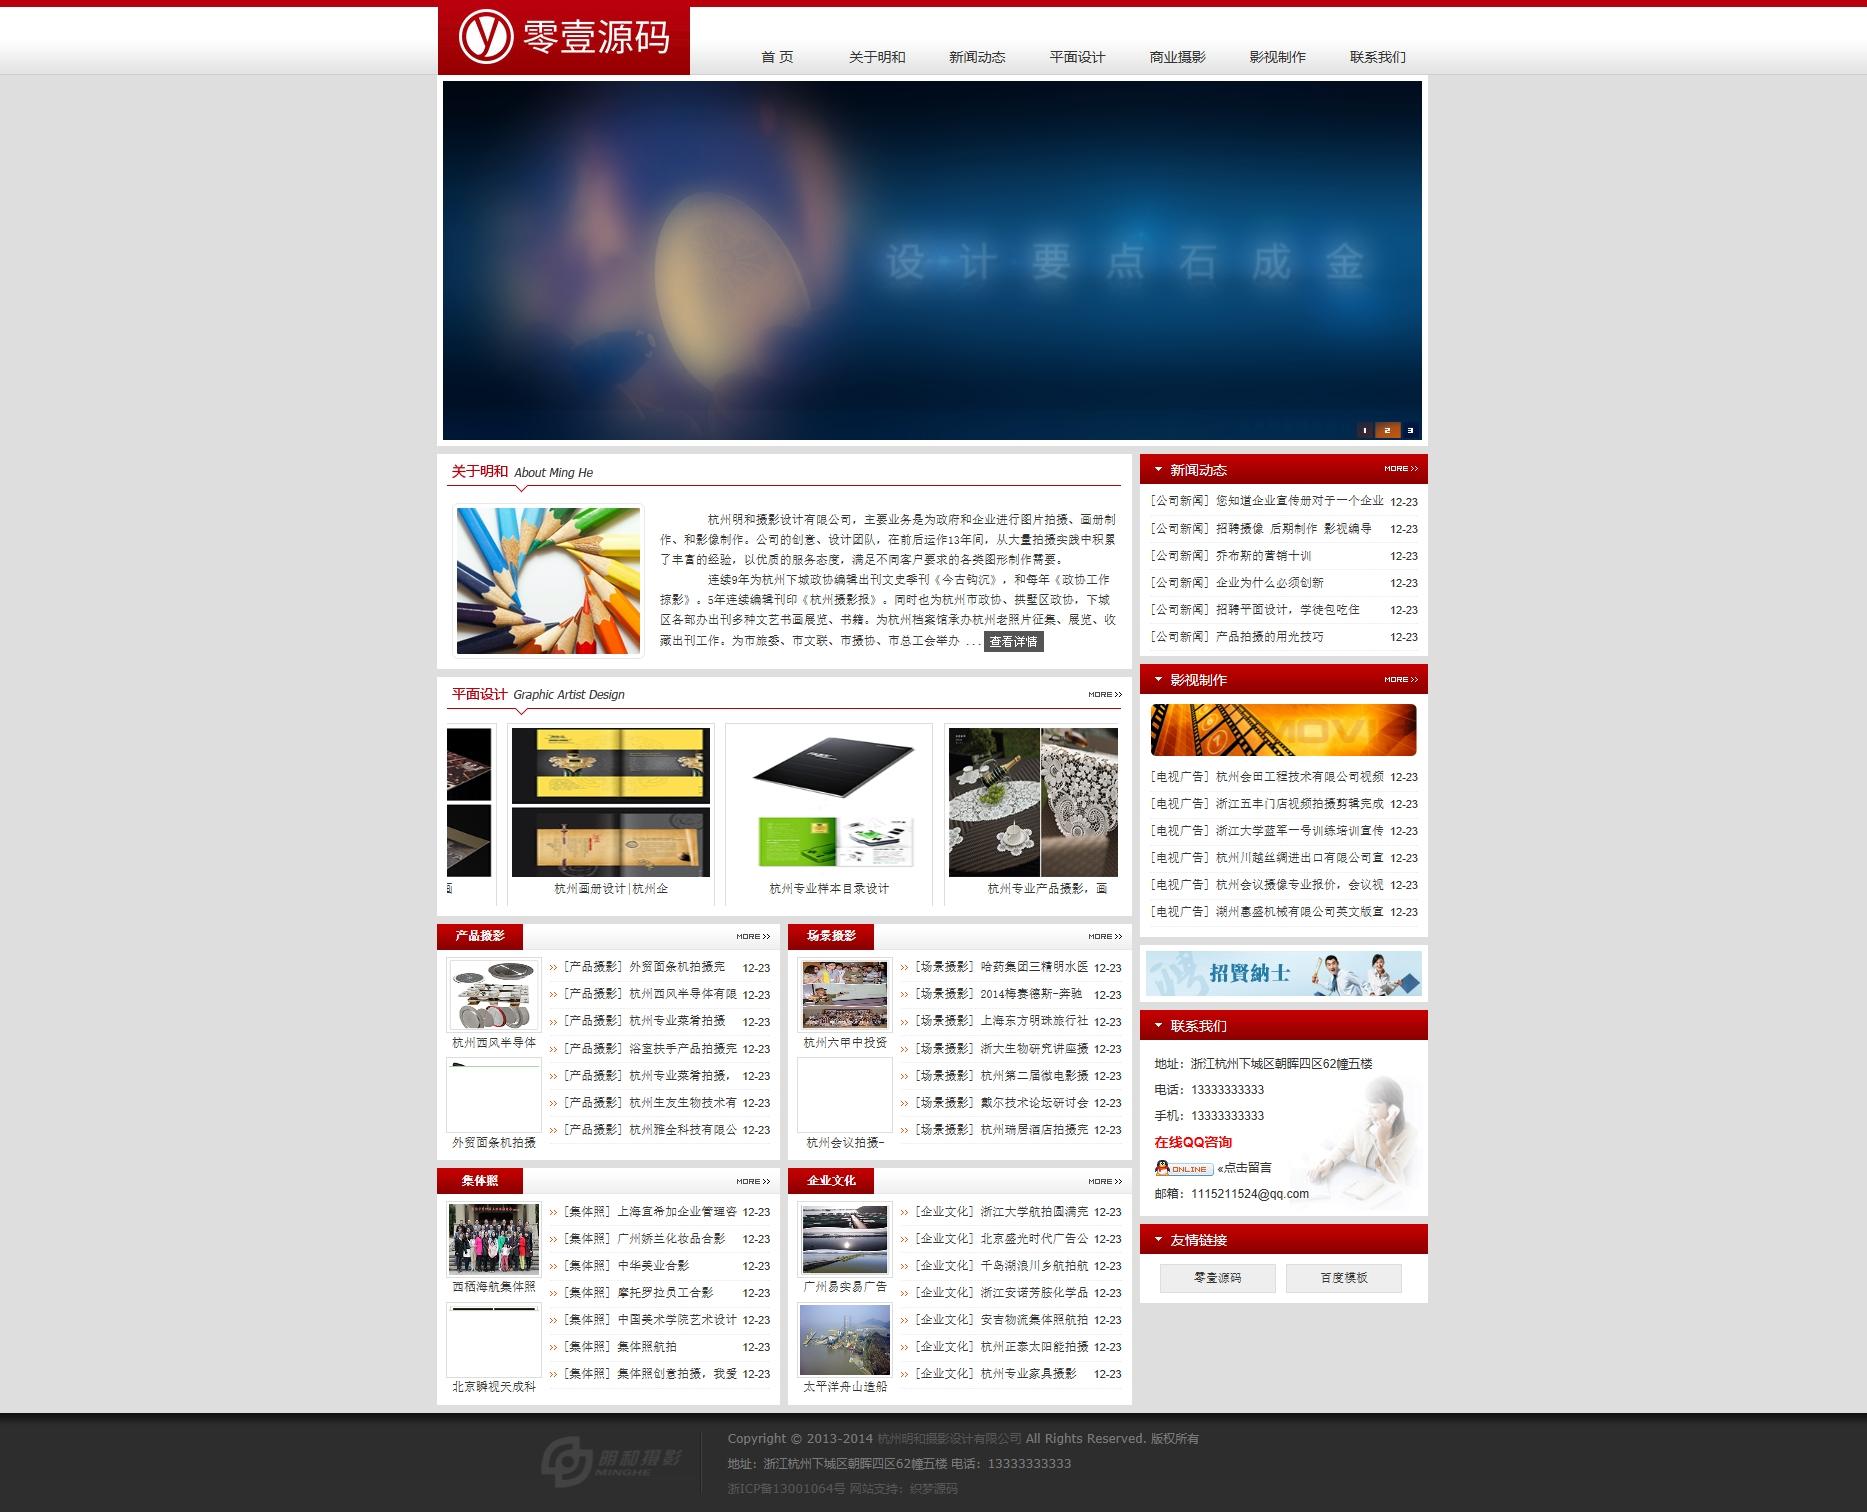 织梦dedecms红色大气摄影网站源码 摄影设计工作室模板